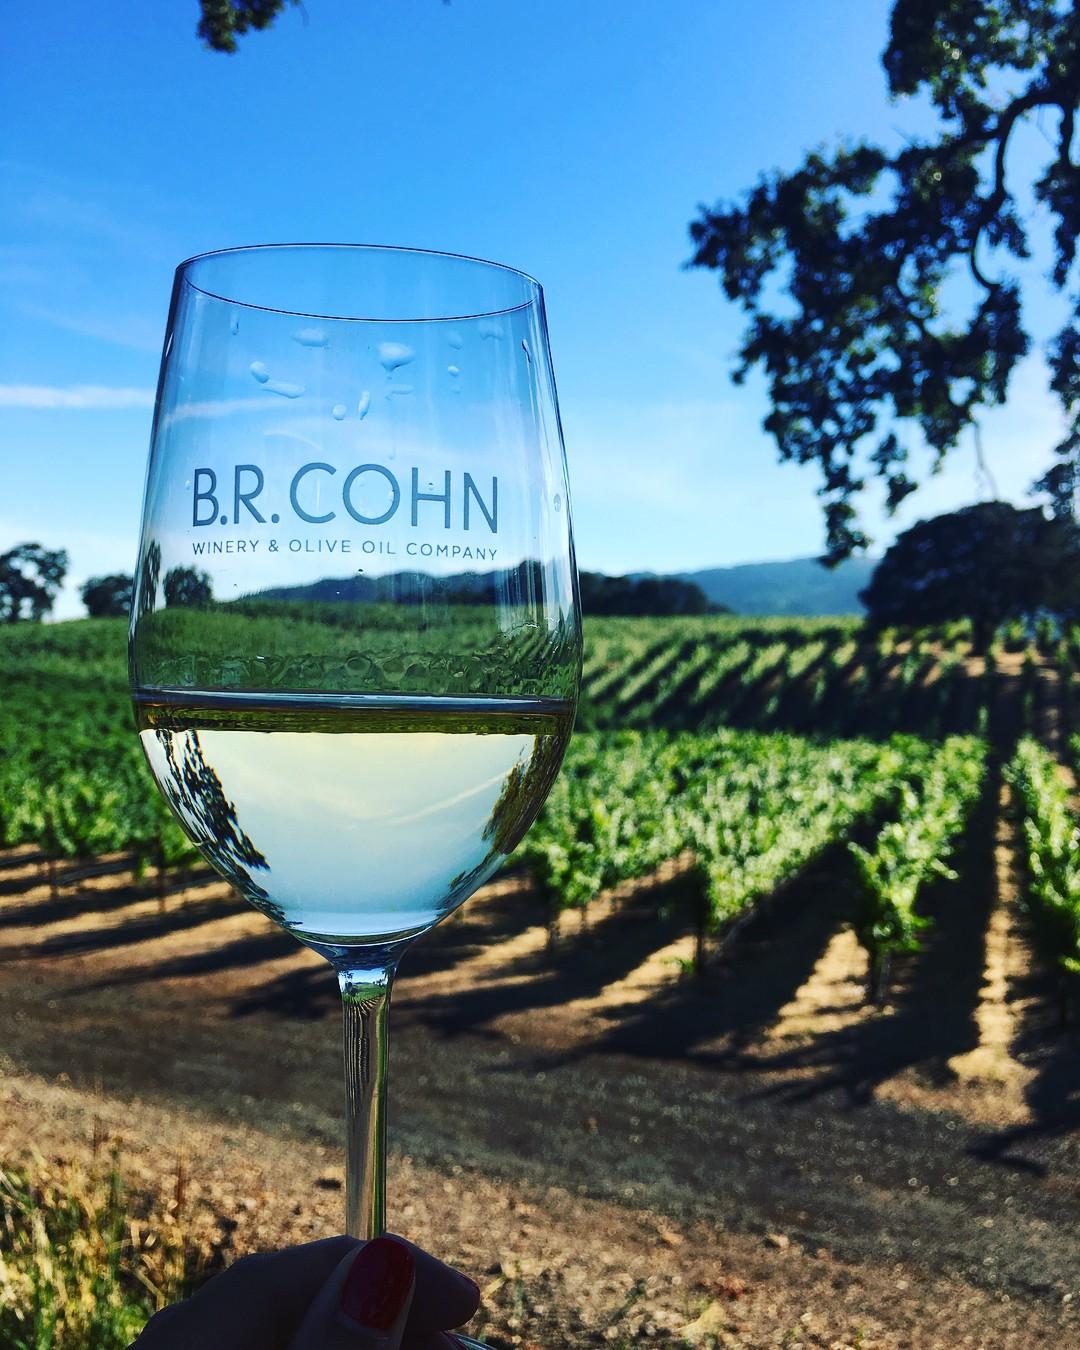 B.R Cohn's Winery